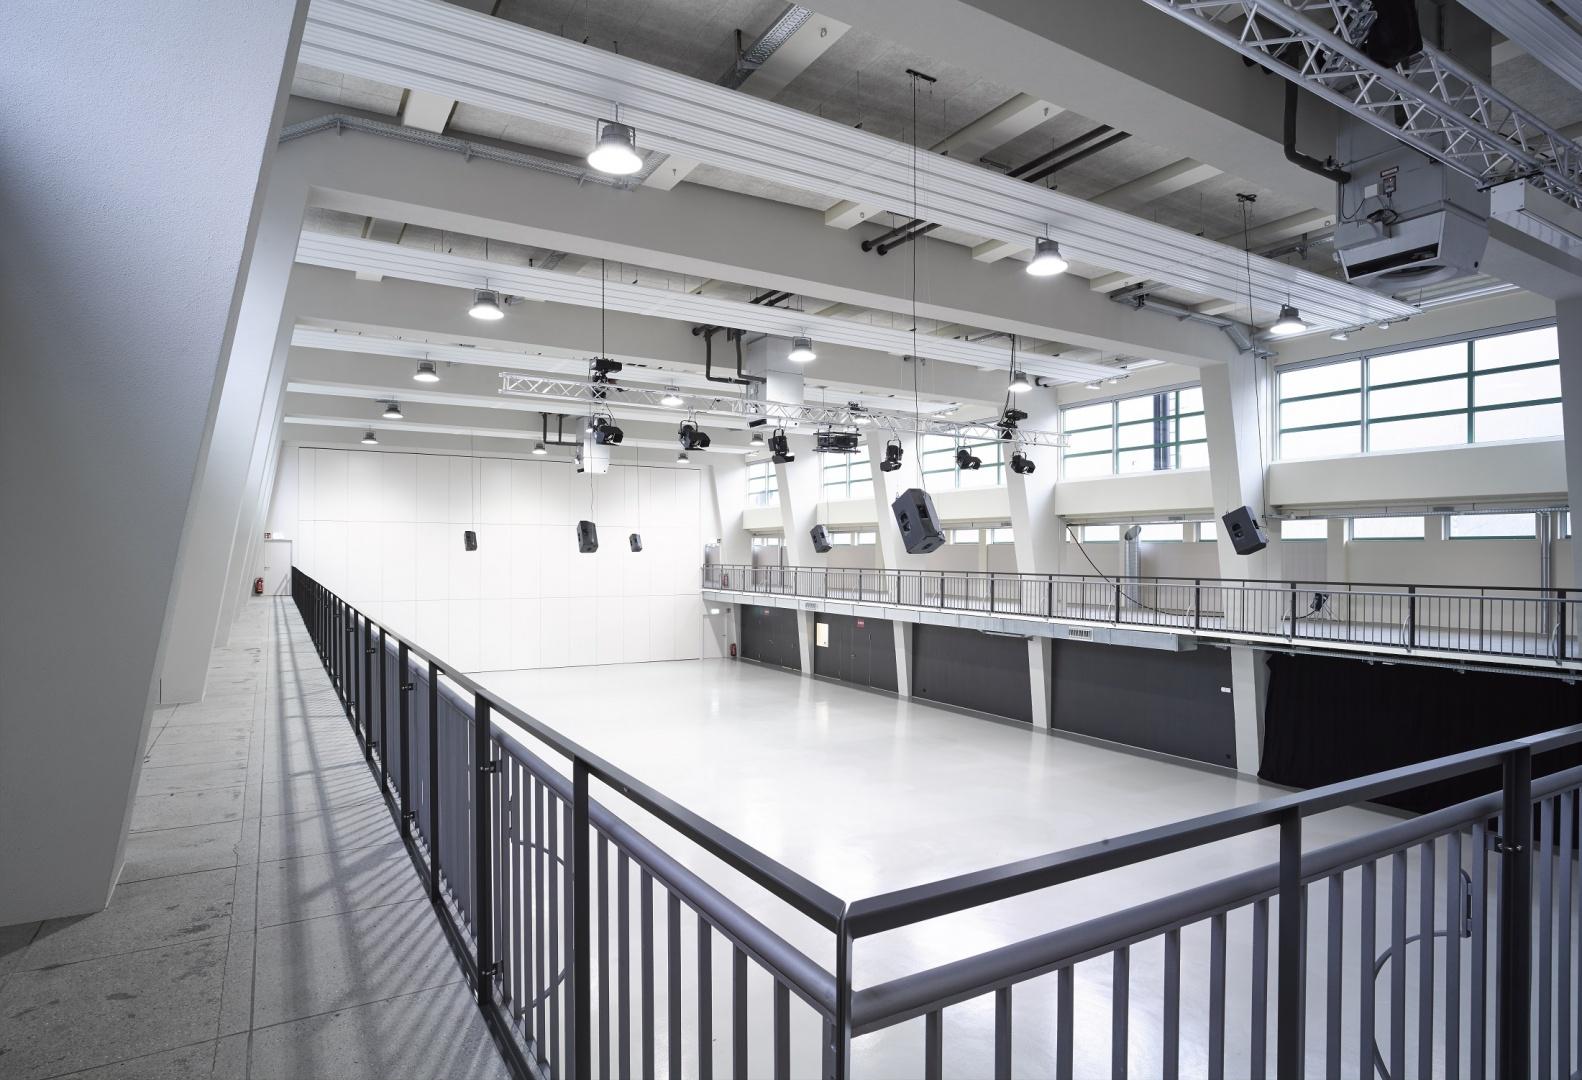 Markthalle, Galerie und Halle unterteilt © Manuel Stettler, Fotograf, Burgdorf